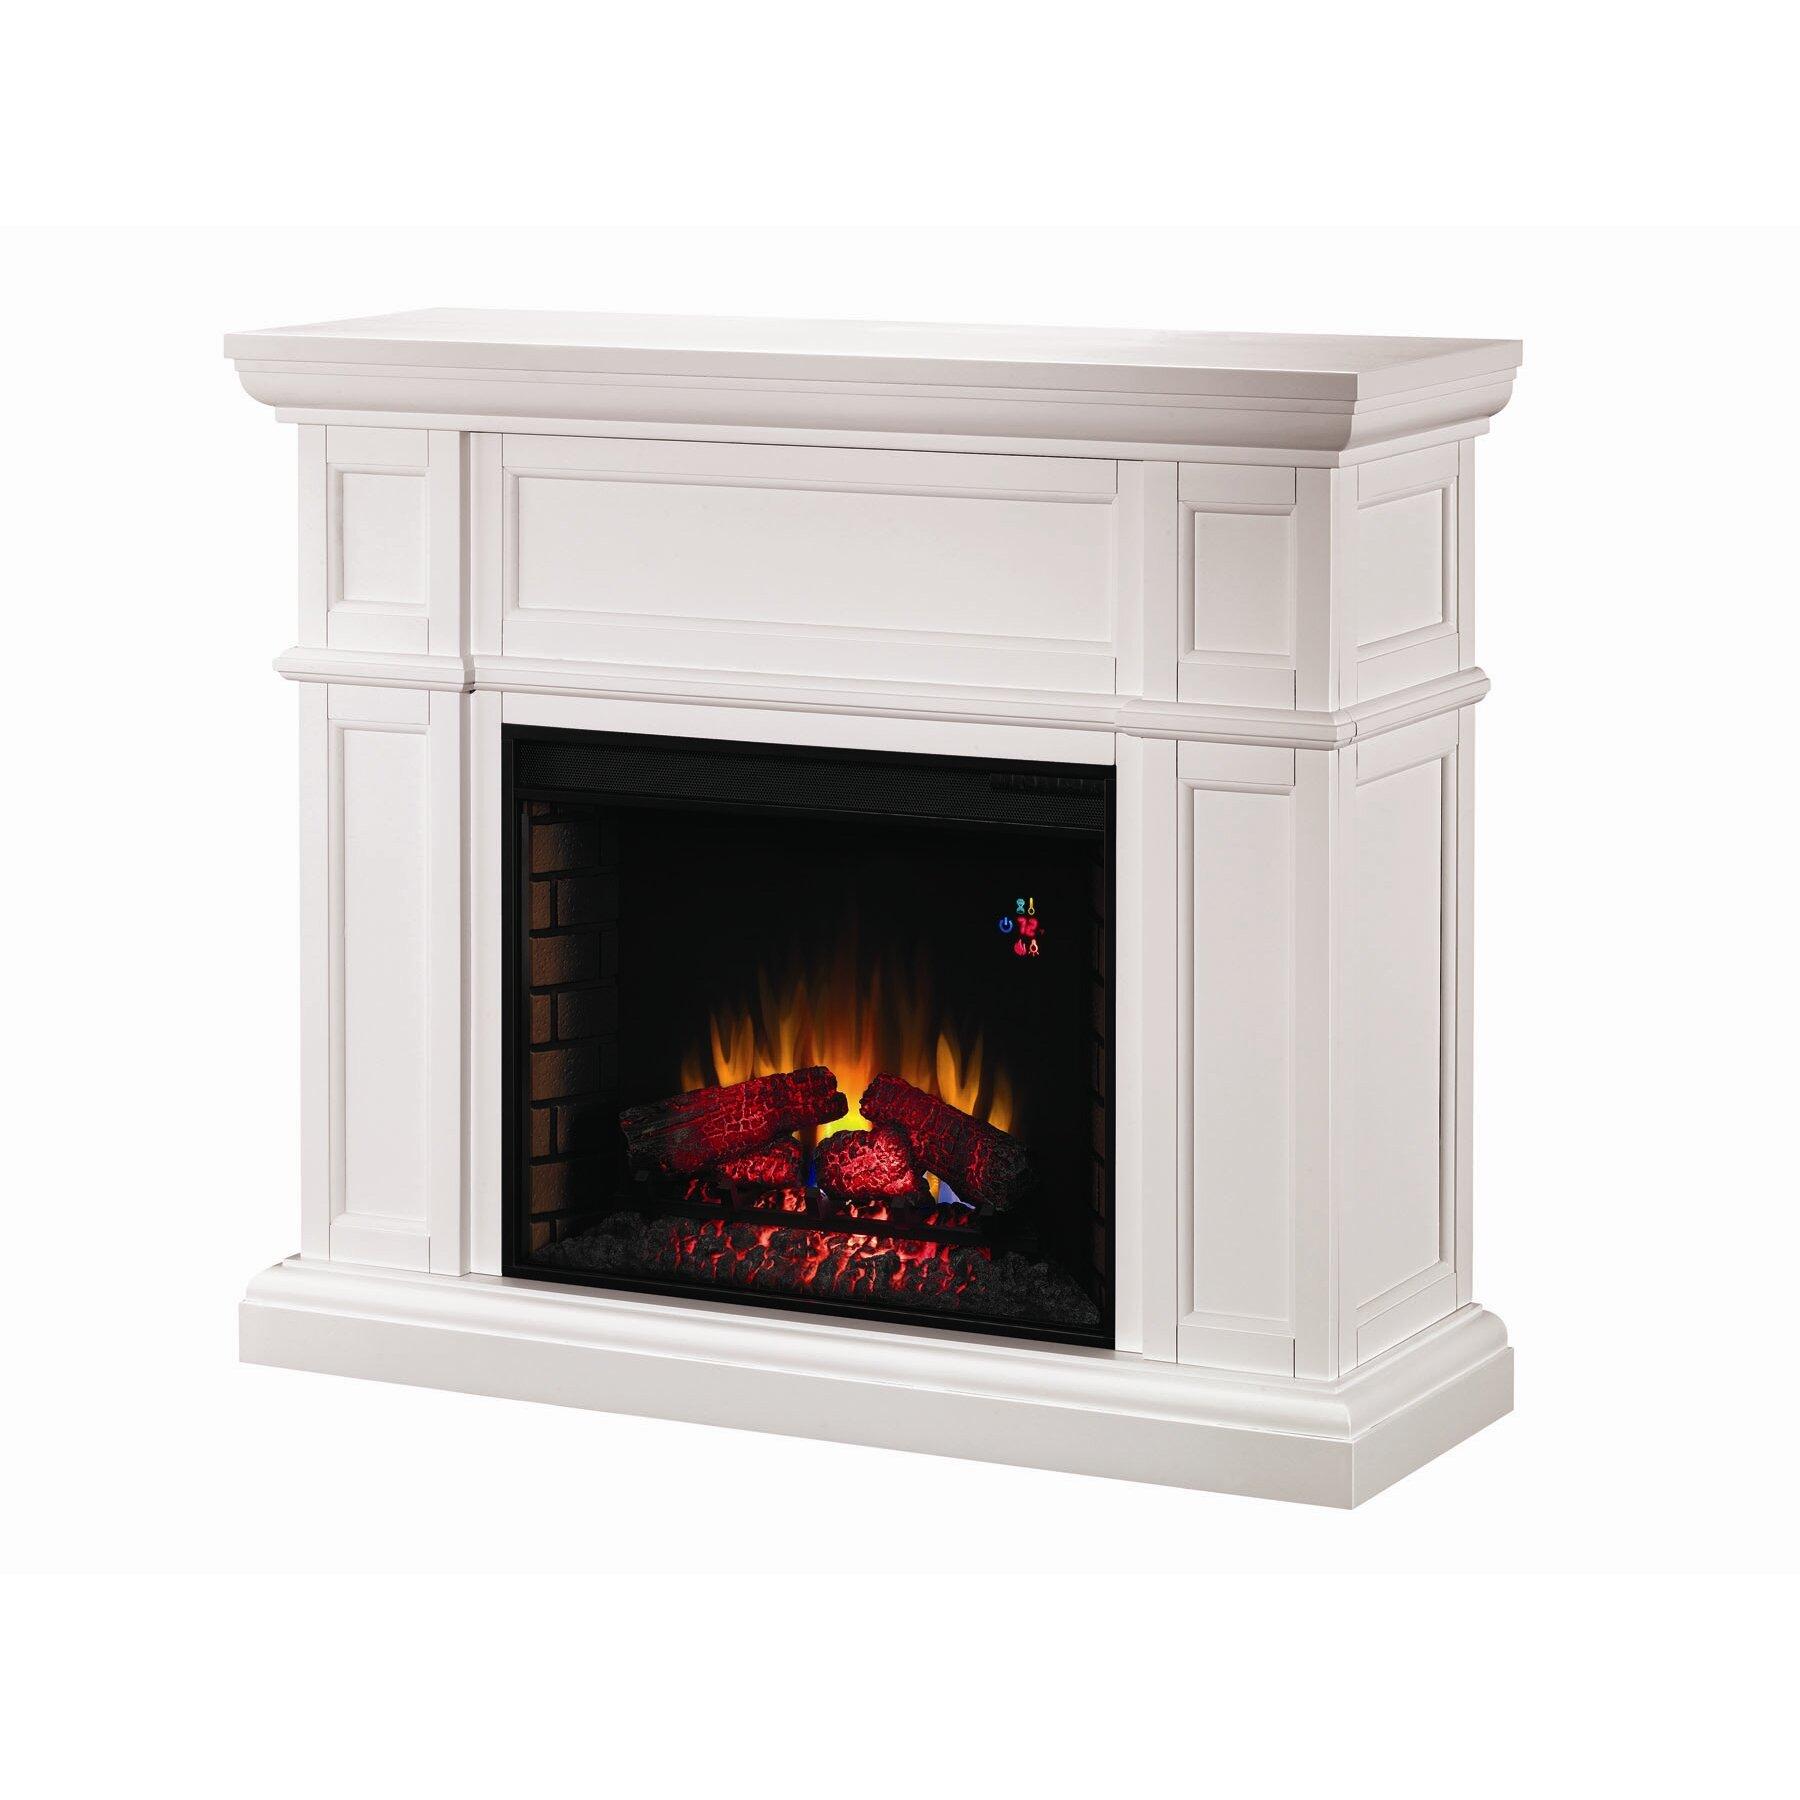 Classic Flame Artesian Electric Fireplace Reviews Wayfair